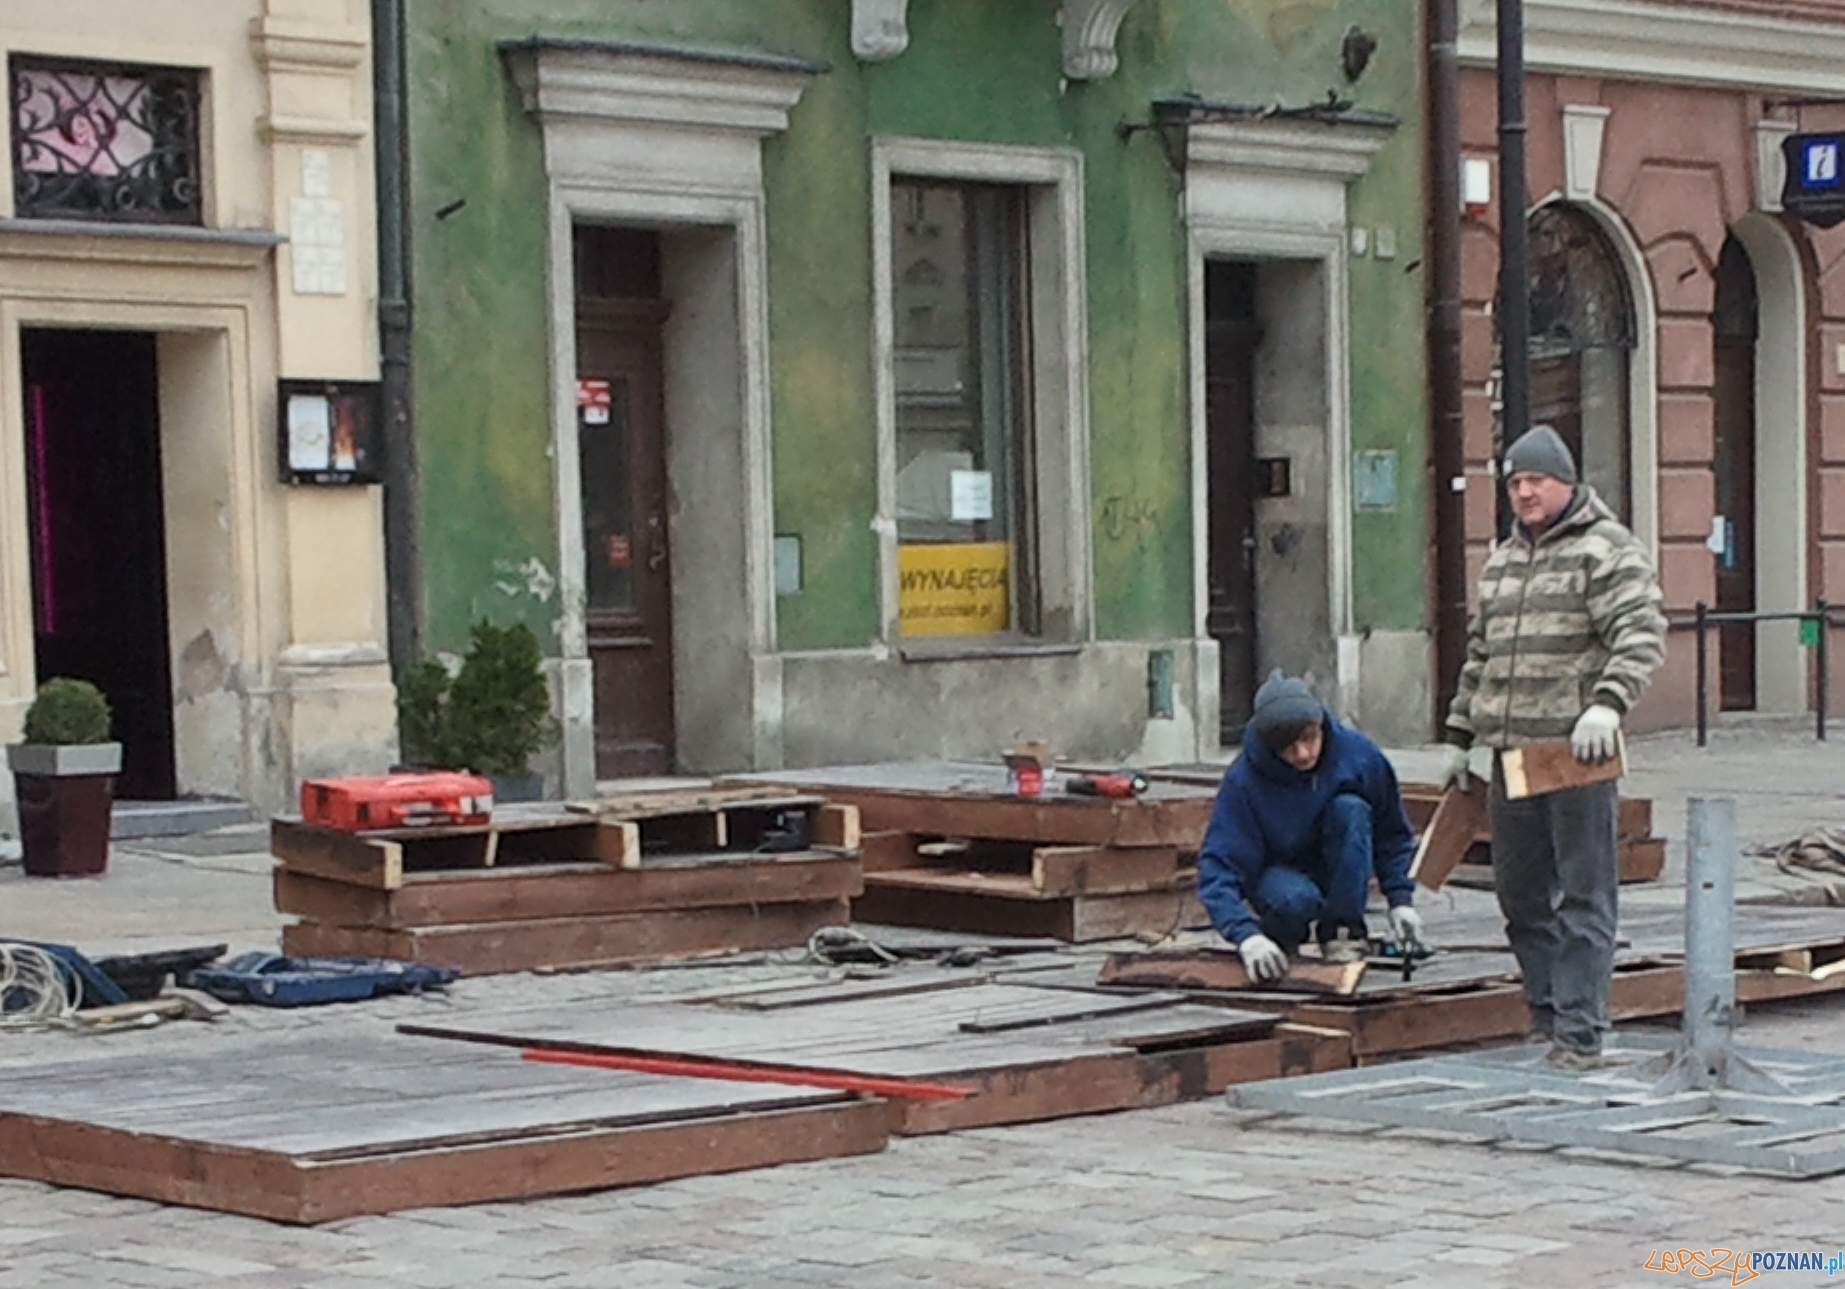 Szybka migawka - powstają już ogródki na Starym  Foto: lepszyPOZNAN.pl / gsm